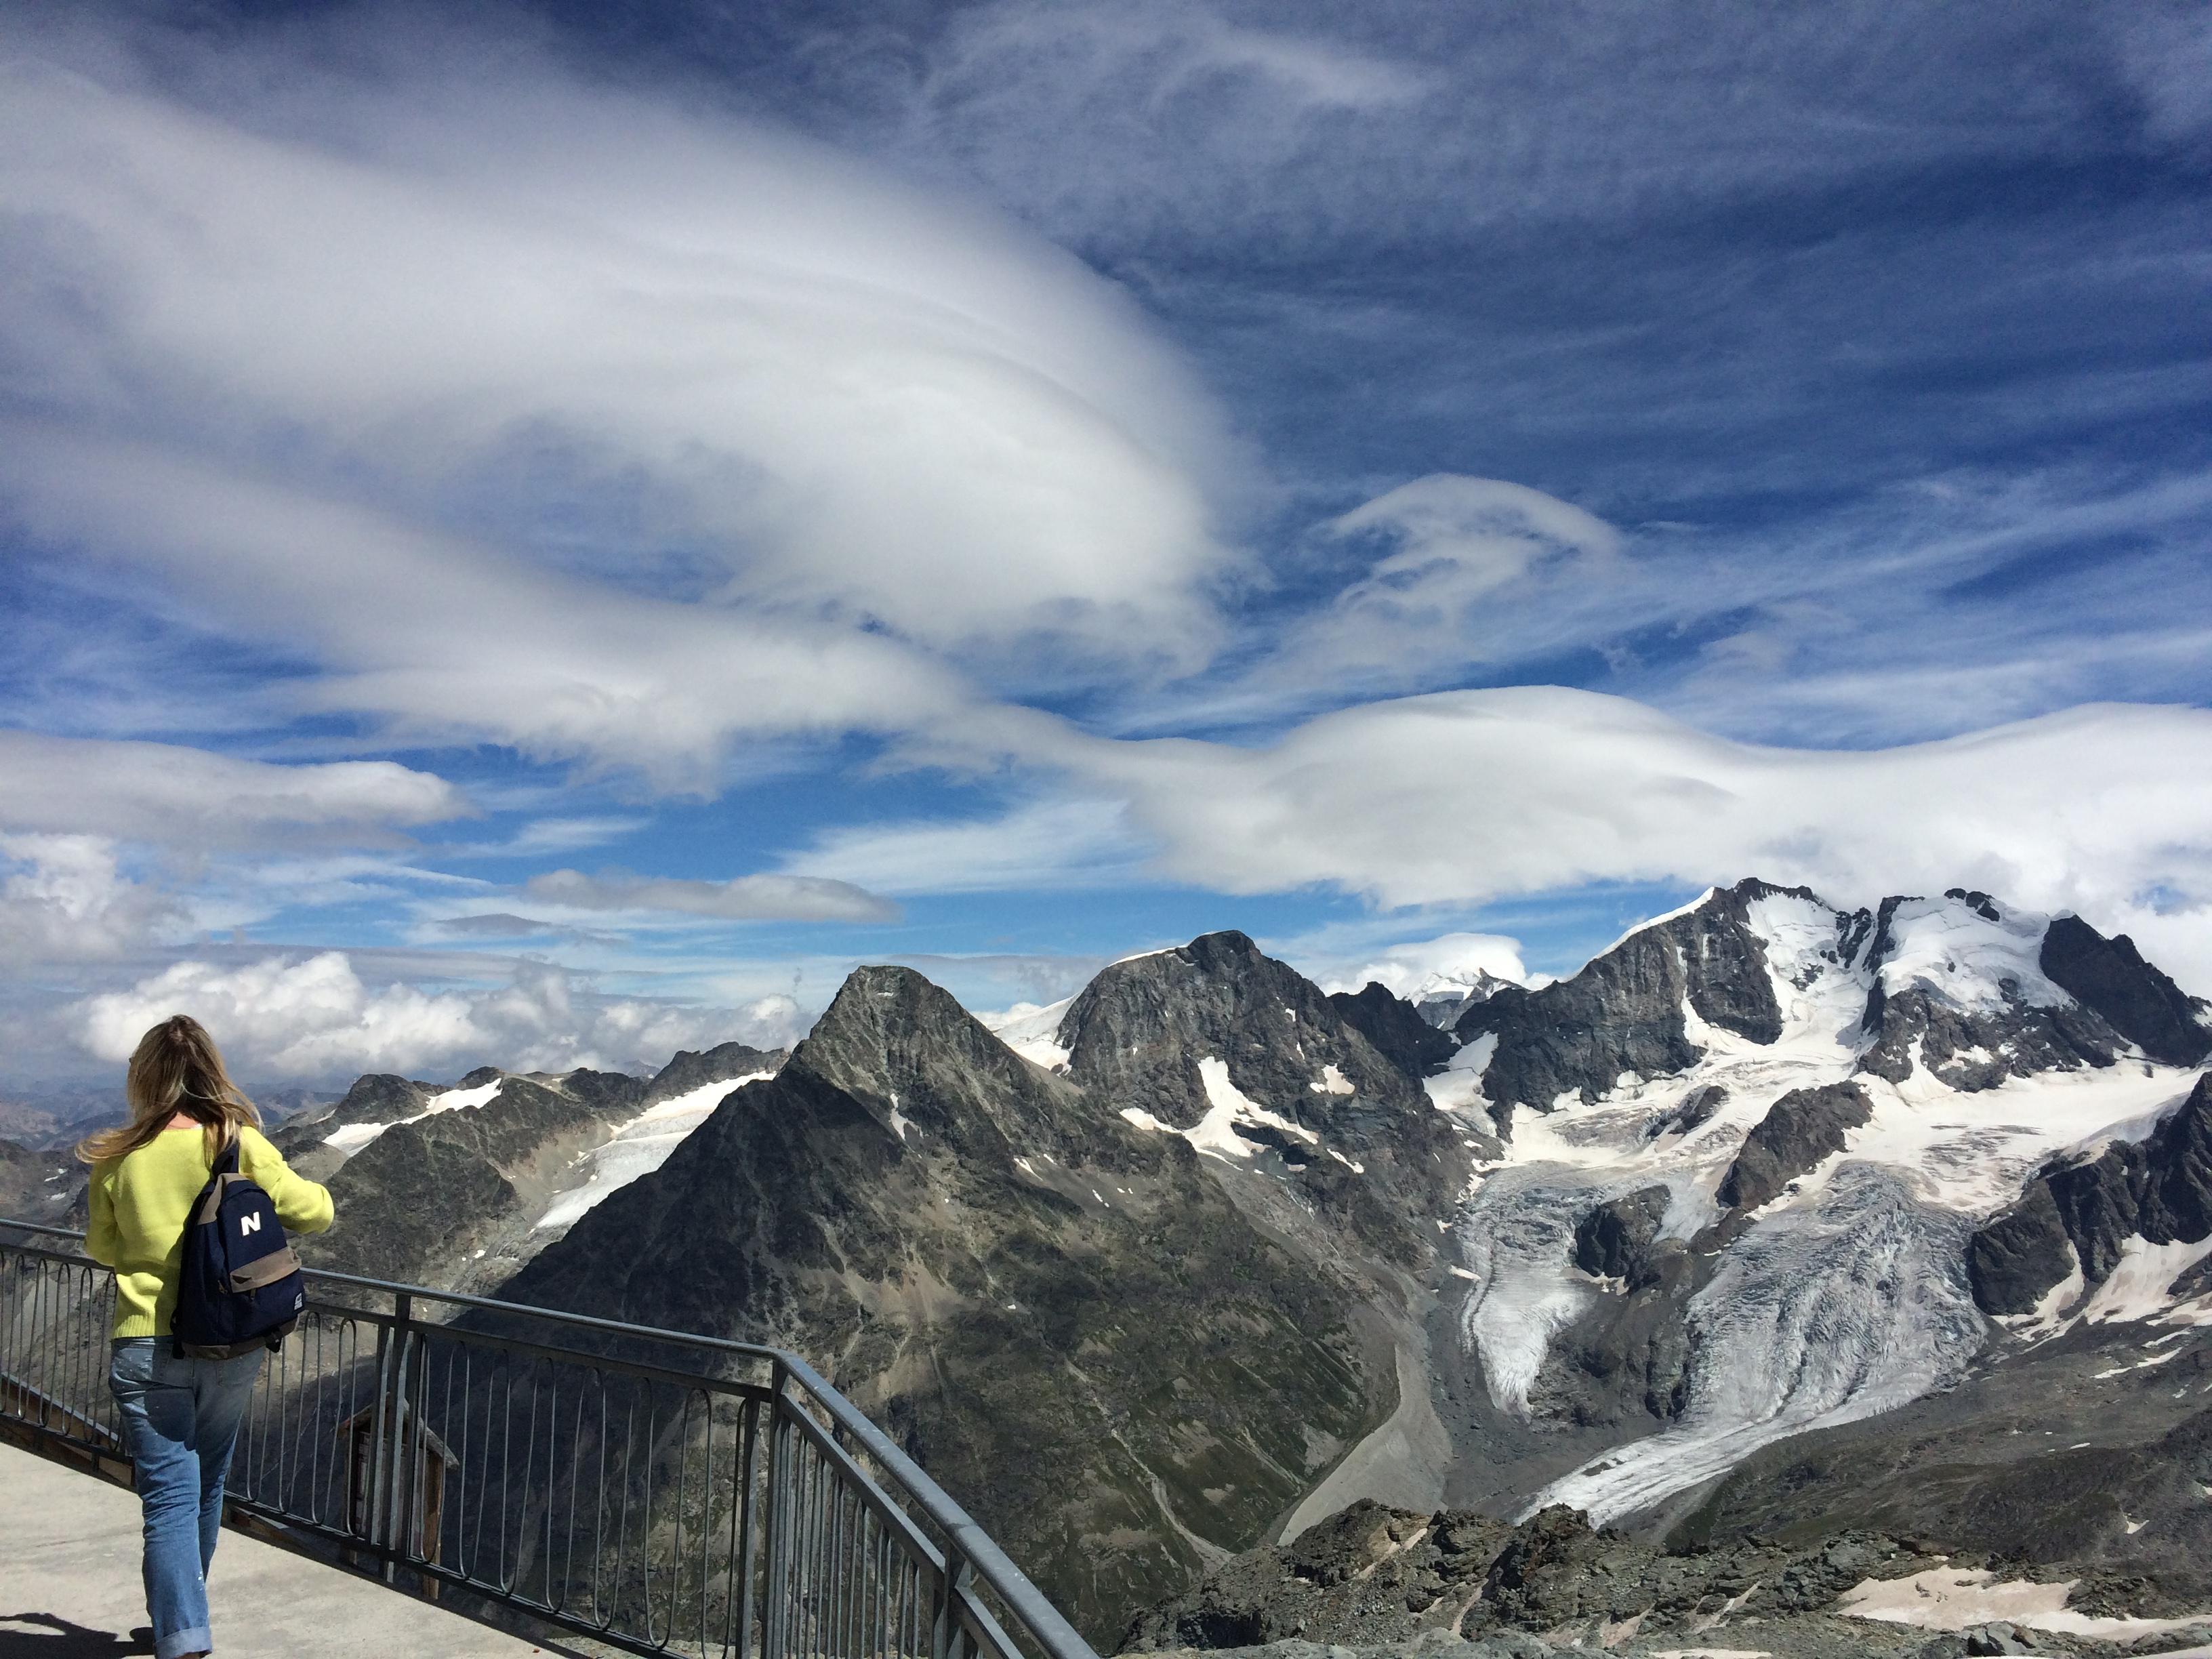 Смотровая площадка самой высокой точки горнолыжного региона Санкт-Мориц Кровач (3303 метра) Источник https://www.euromag.ru/